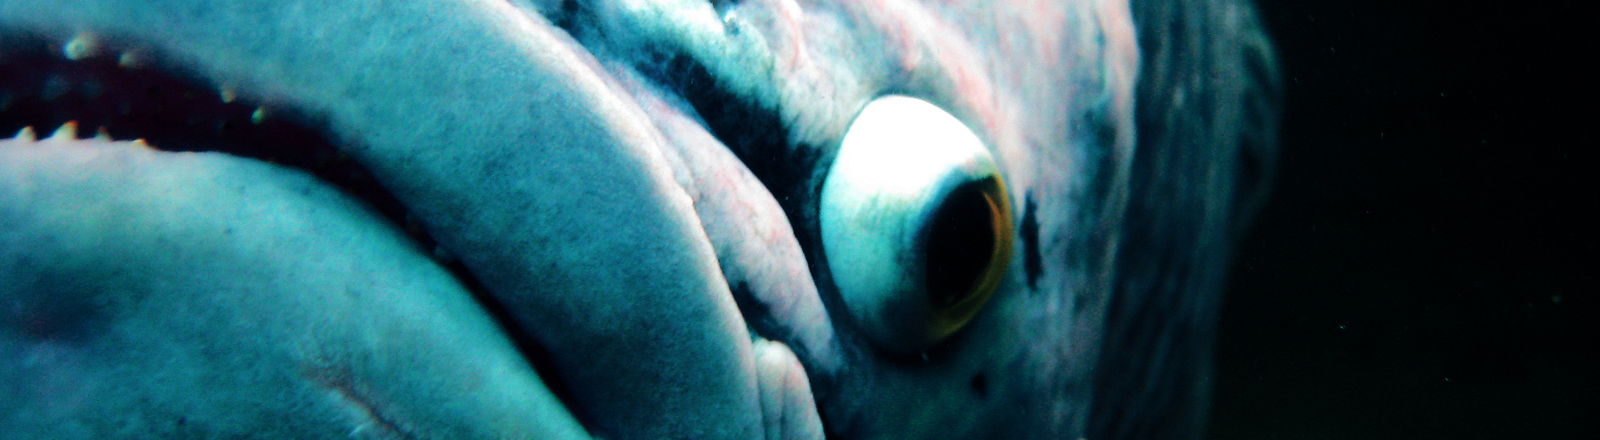 Nahaufnahme eines Fisches